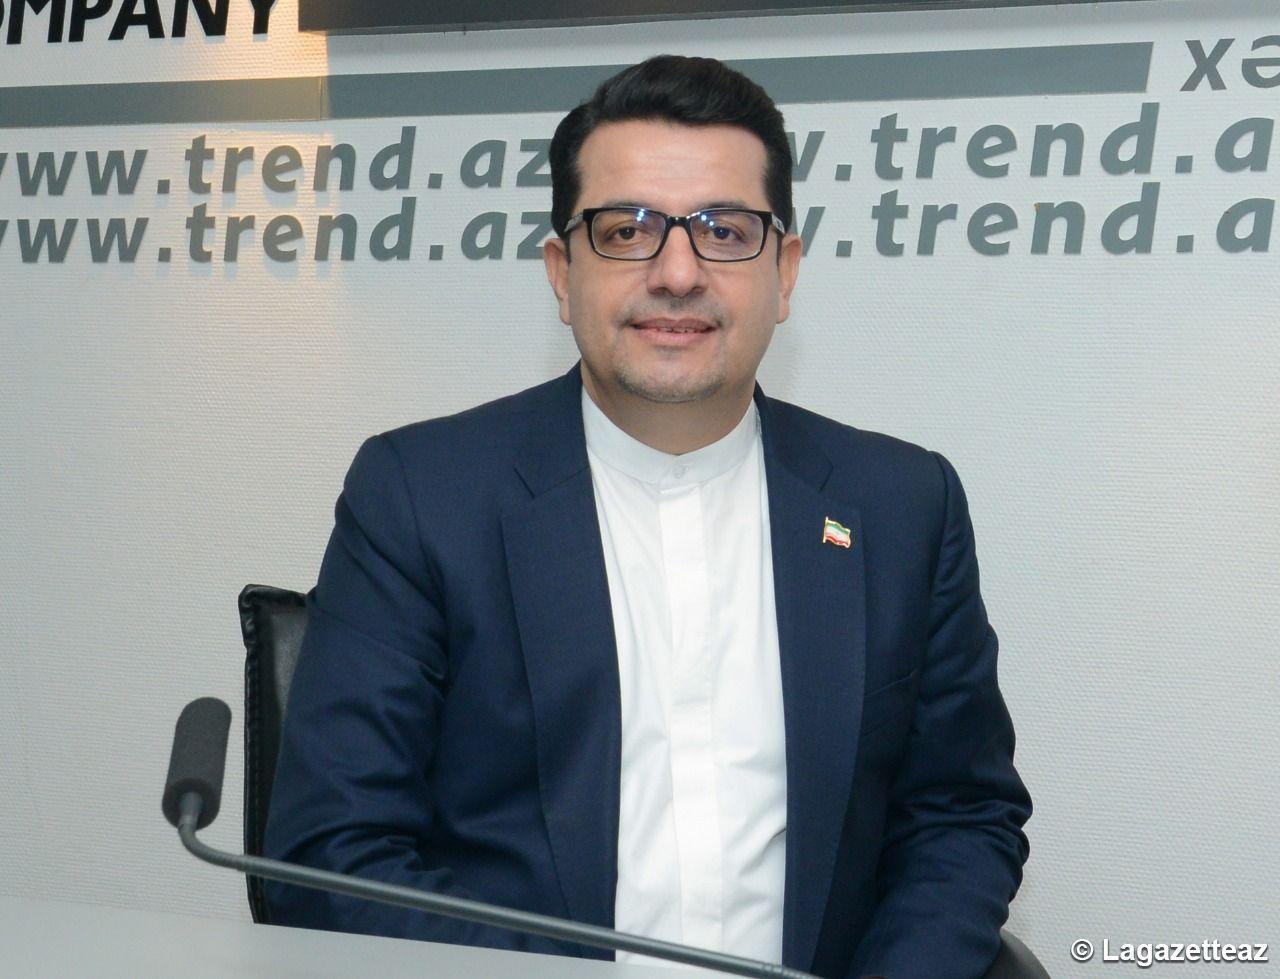 L´Iran et la France entretiennent des relations économiques et commerciales depuis de nombreuses années, dit l'Ambassadeur Seyed Abbas Moussavi